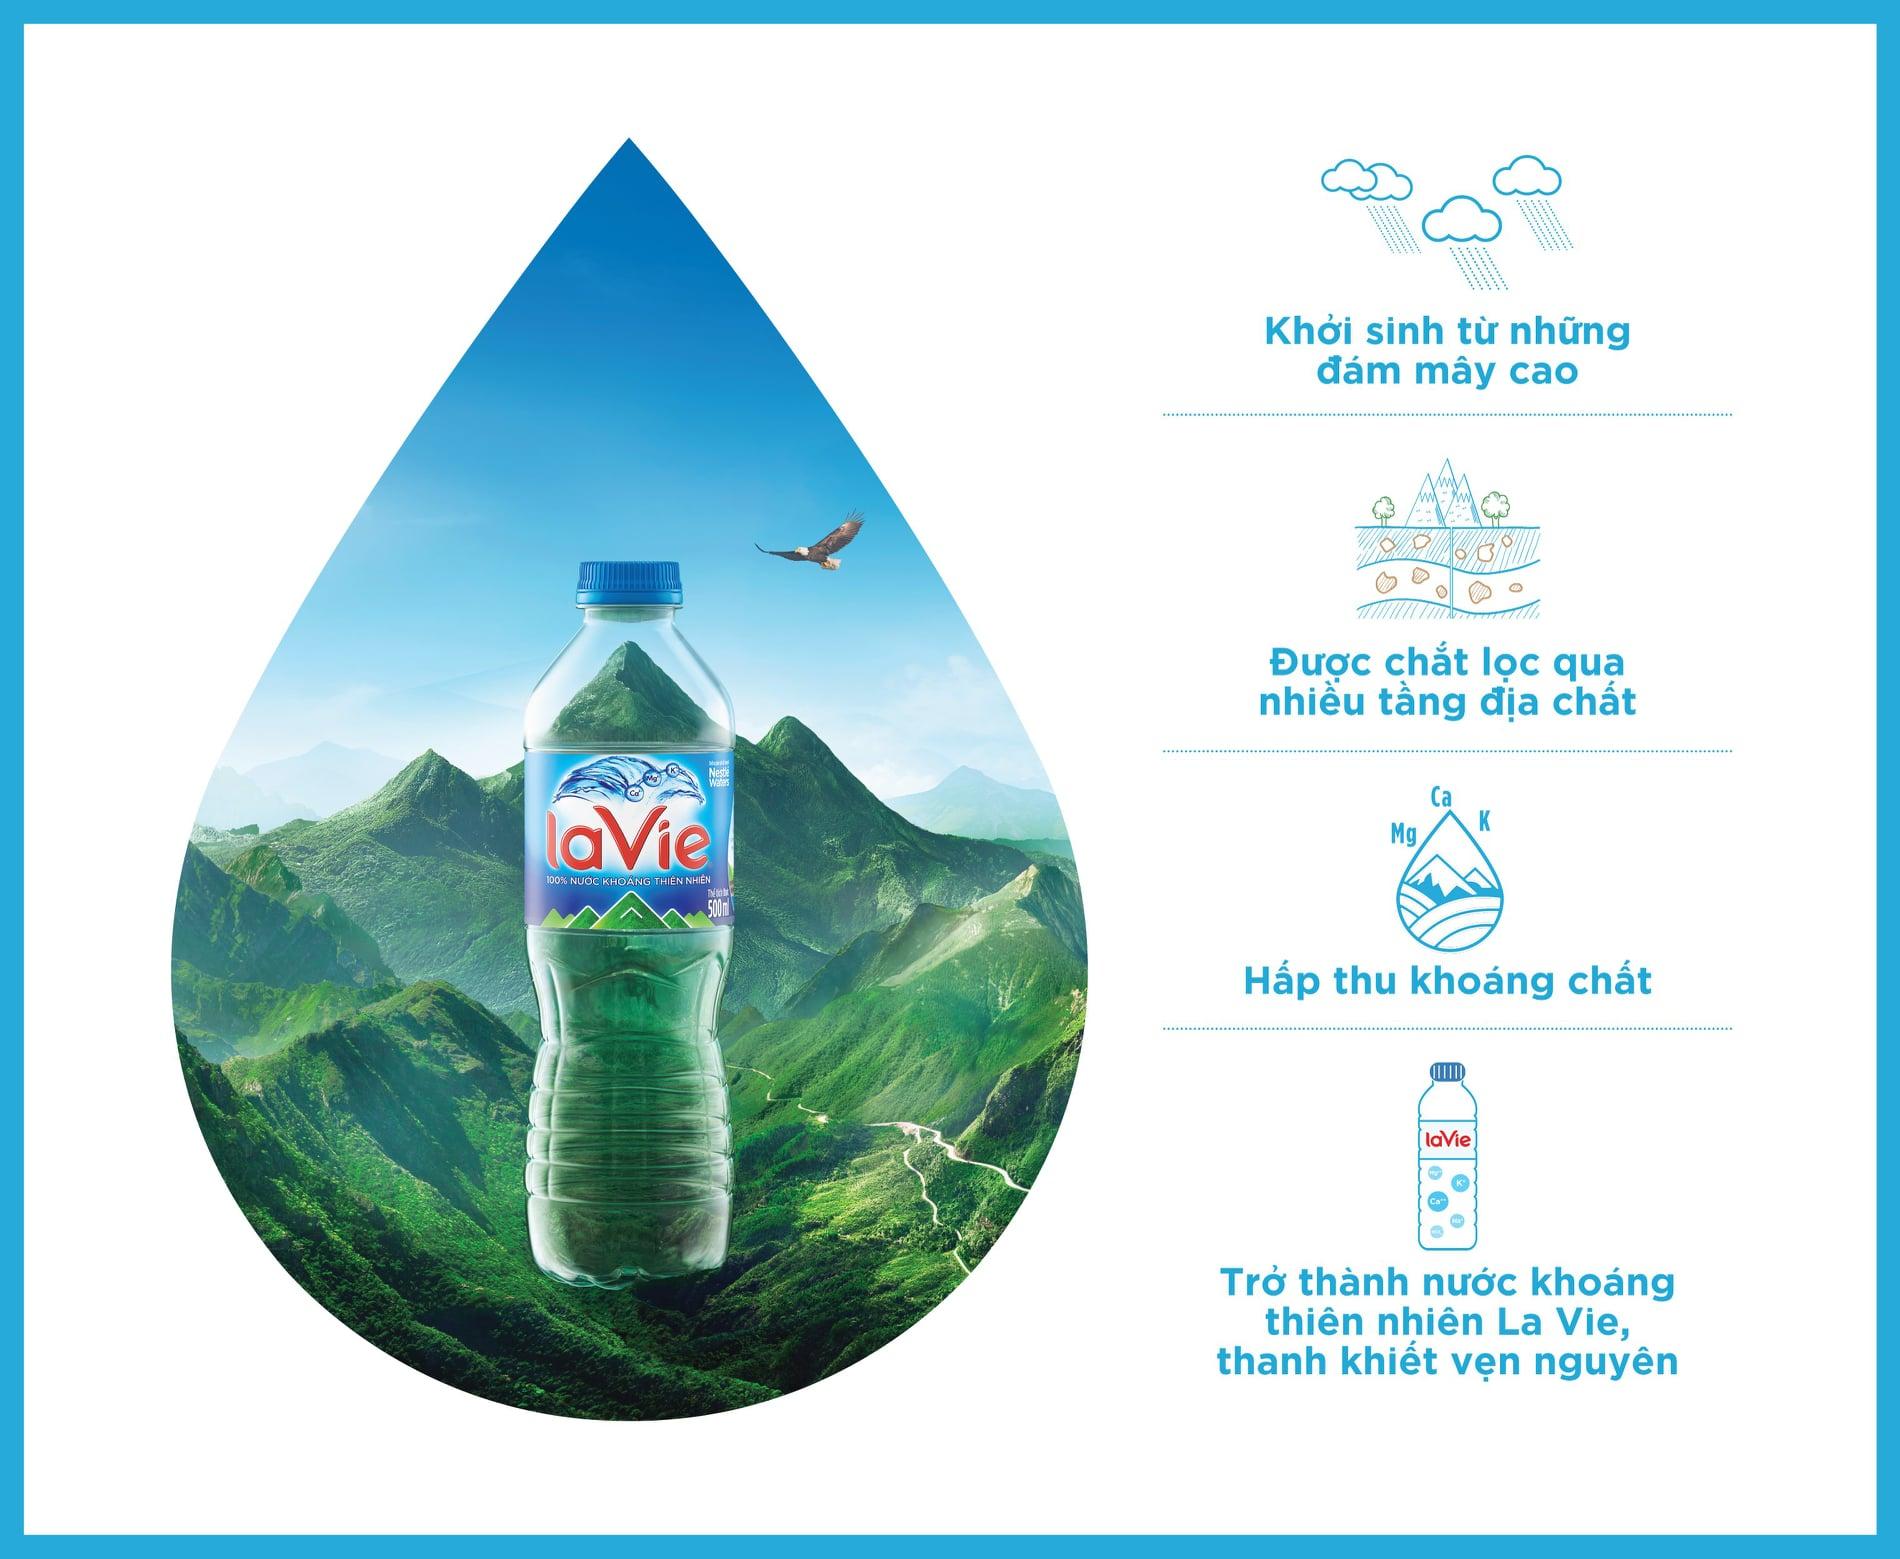 Hành trình giọt nước LaVie